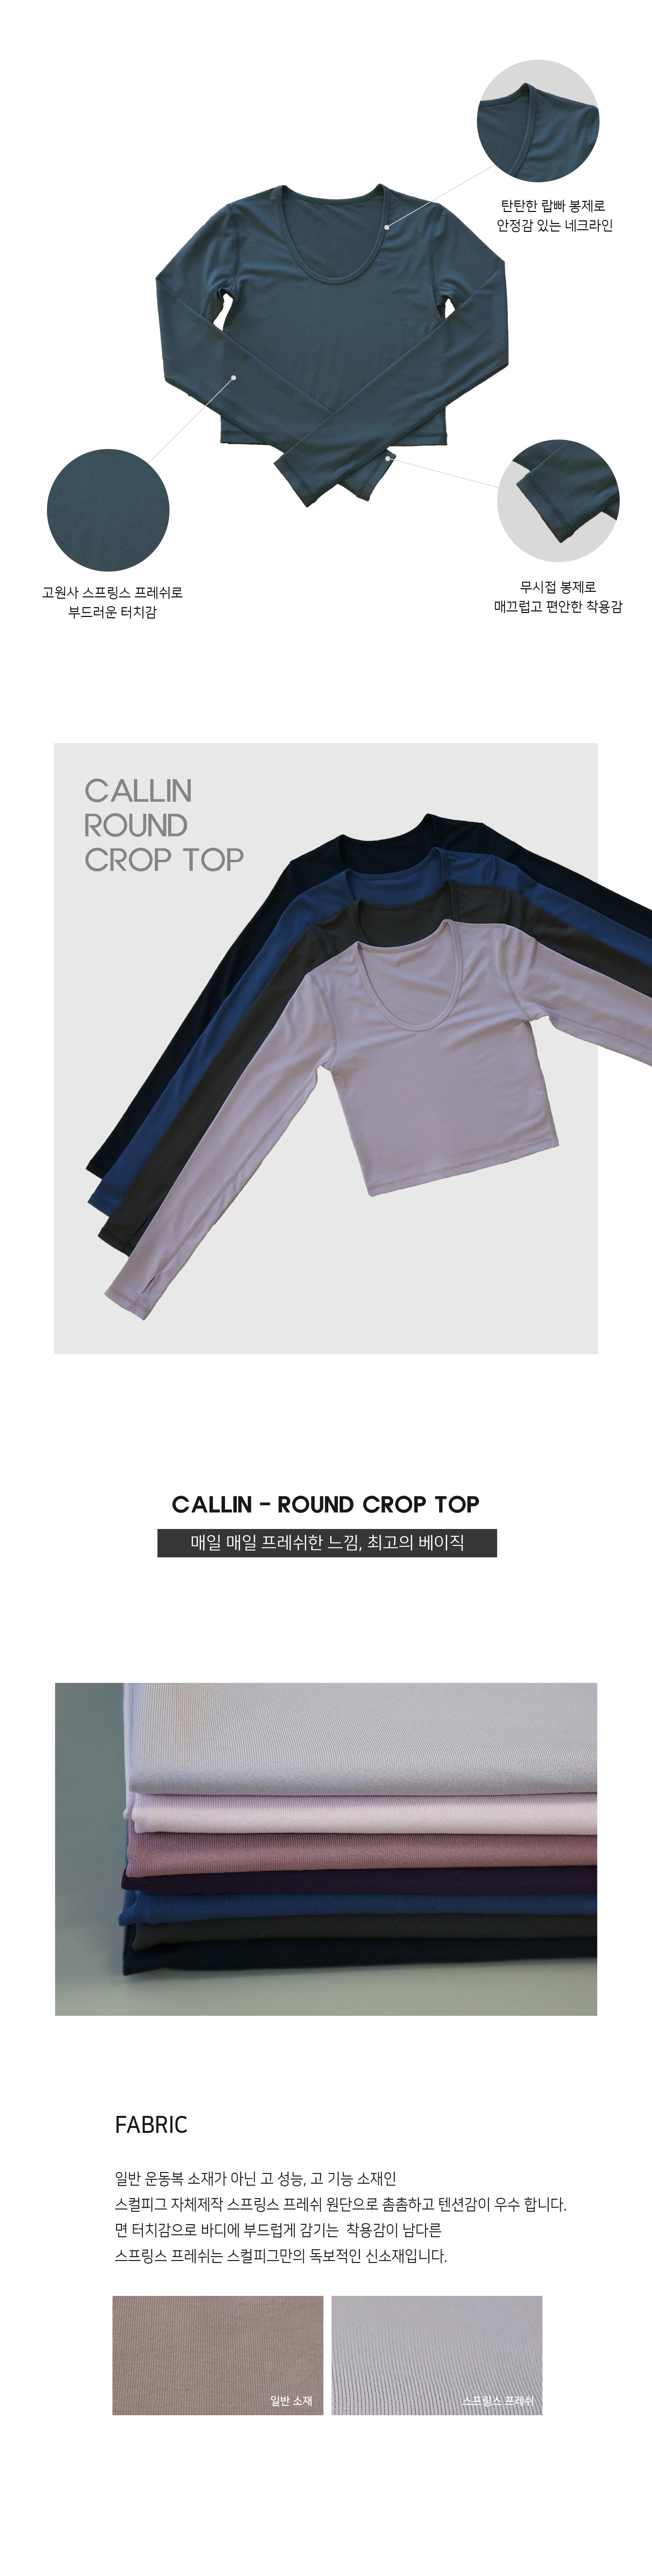 스컬피그(SKULLPIG) [SA4154] 콜린라운드 티셔츠 리얼블랙